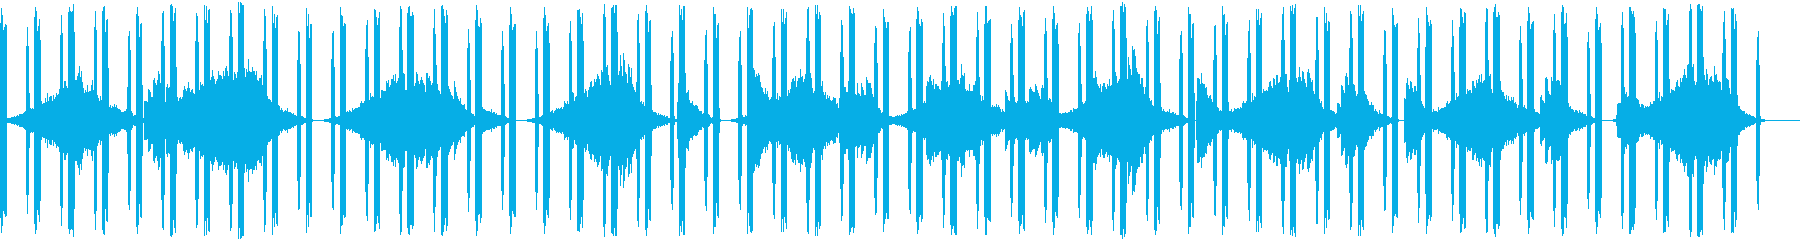 ホラー こわいの再生済みの波形